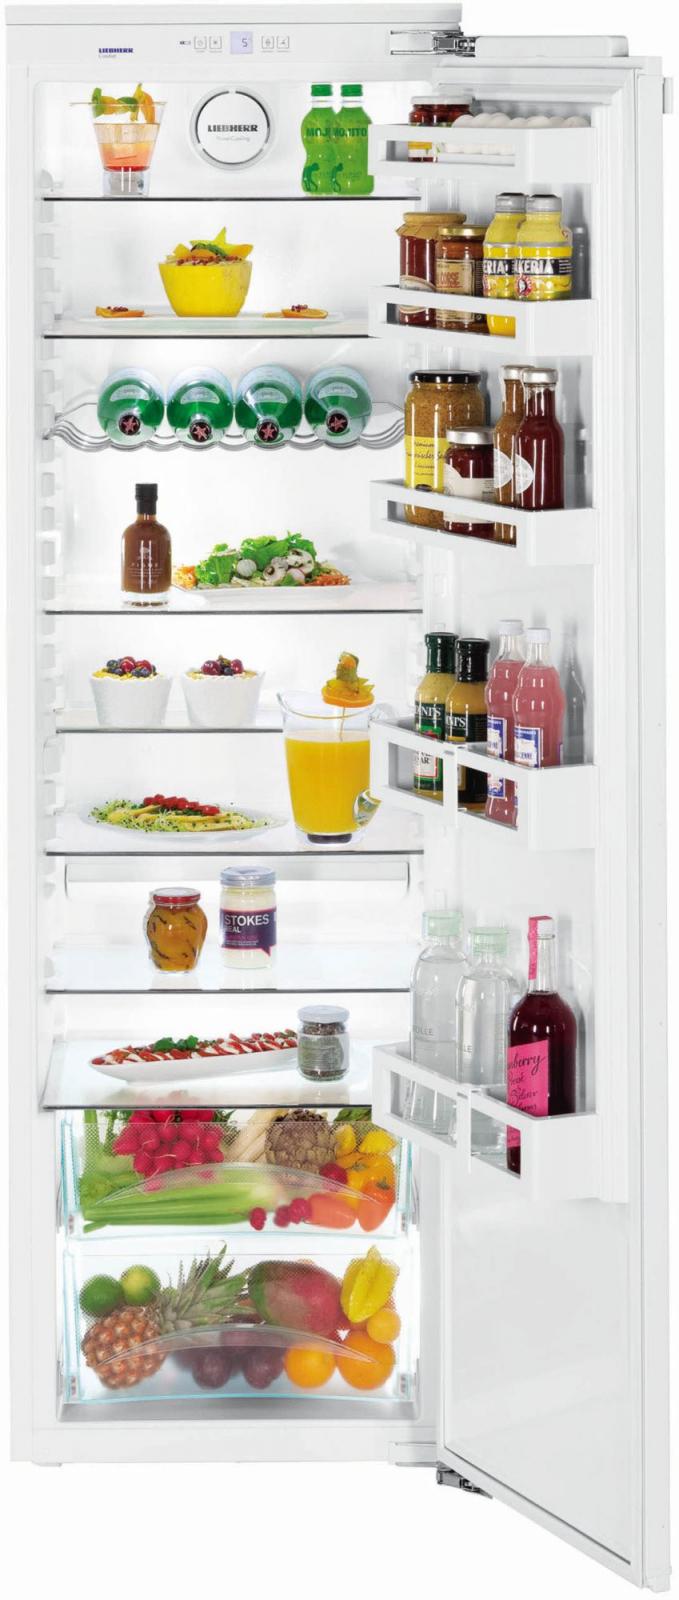 купить Встраиваемый однокамерный холодильник Liebherr IK 3510 Украина фото 0